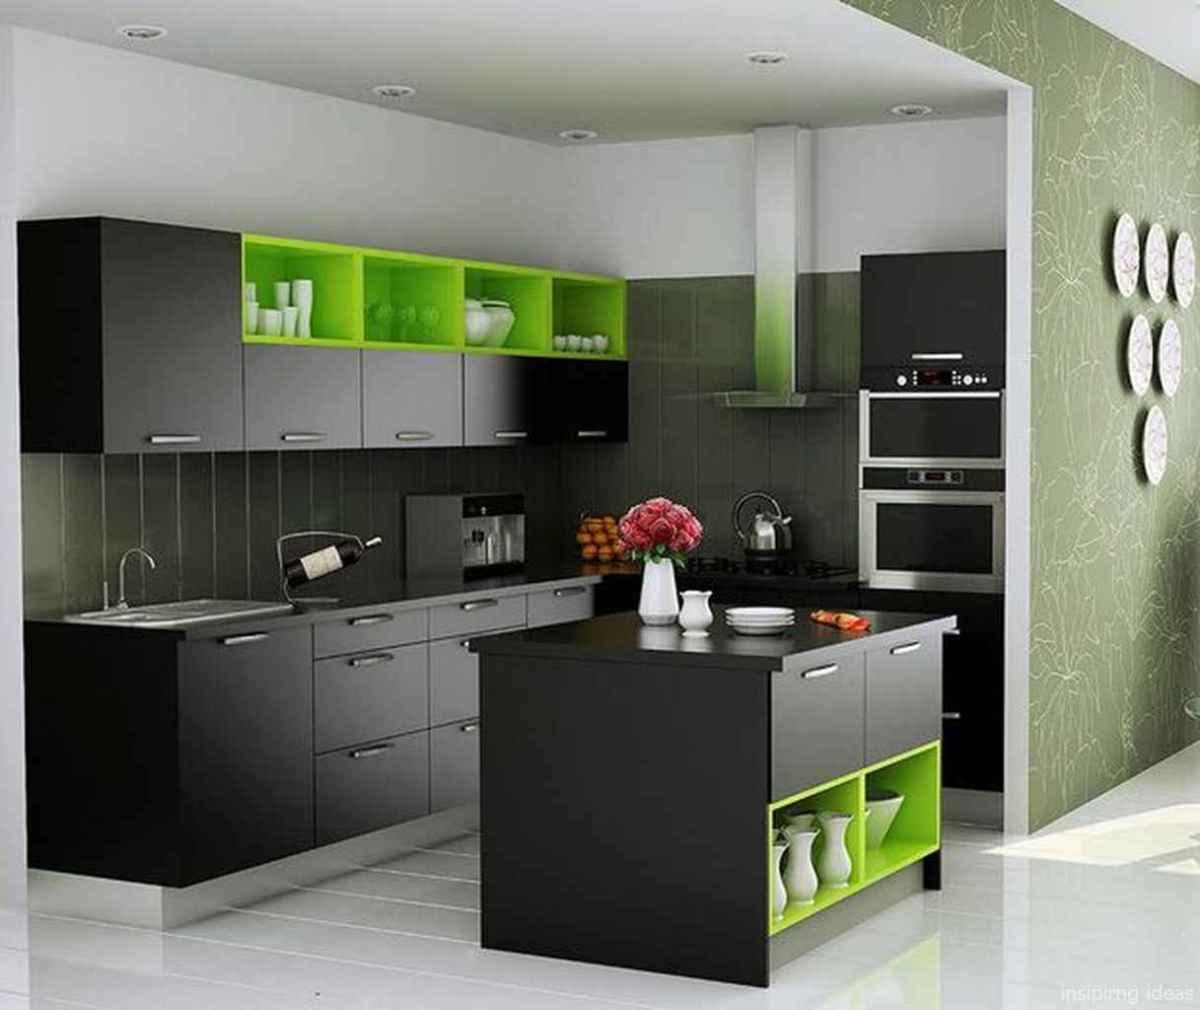 43 Small Modern Kitchen Design Ideas